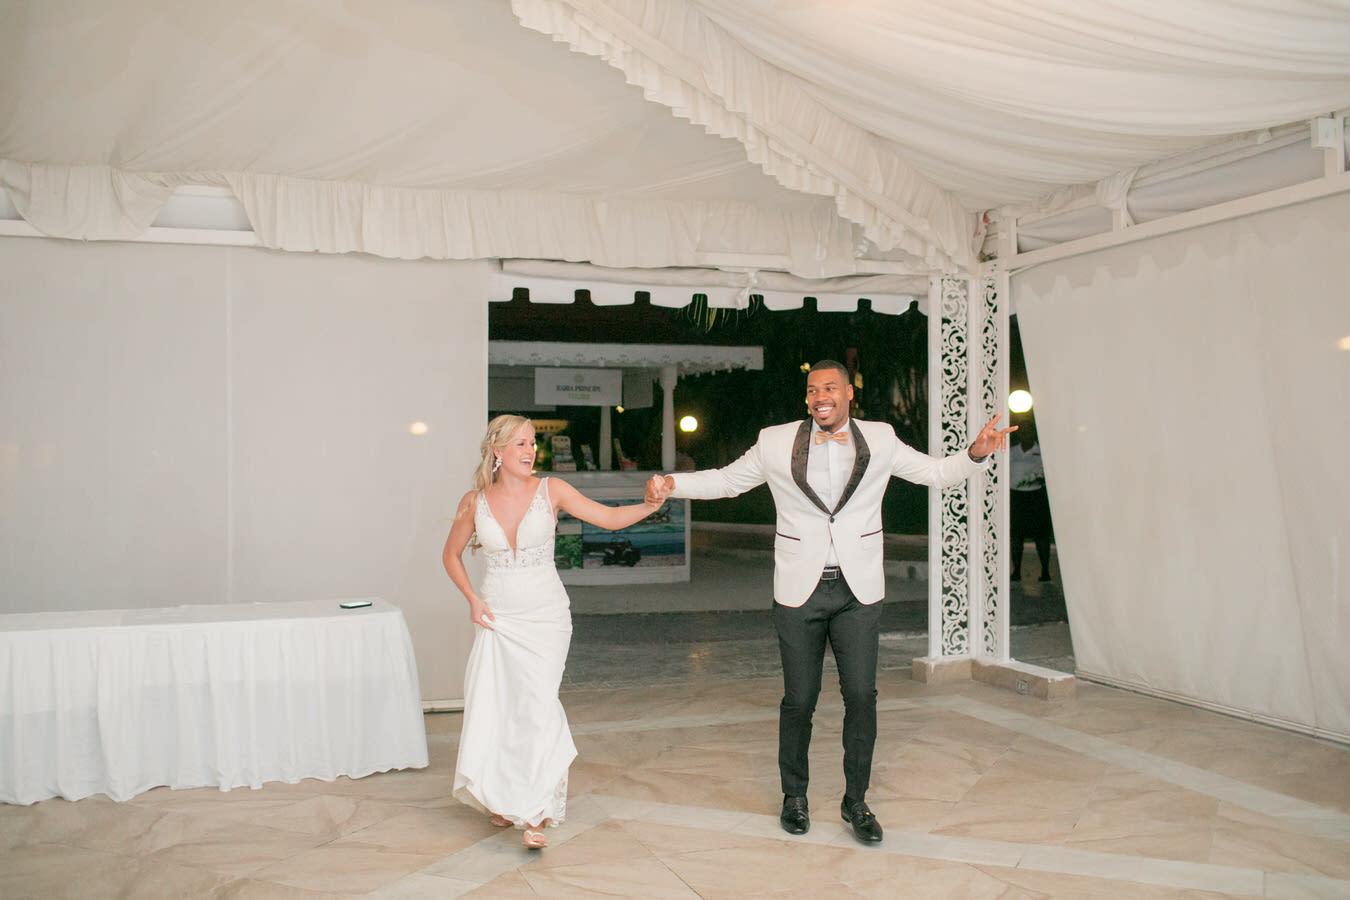 Ashley___Michael___Daniel_Ricci_Weddings_High_Res._Final_0362.jpg